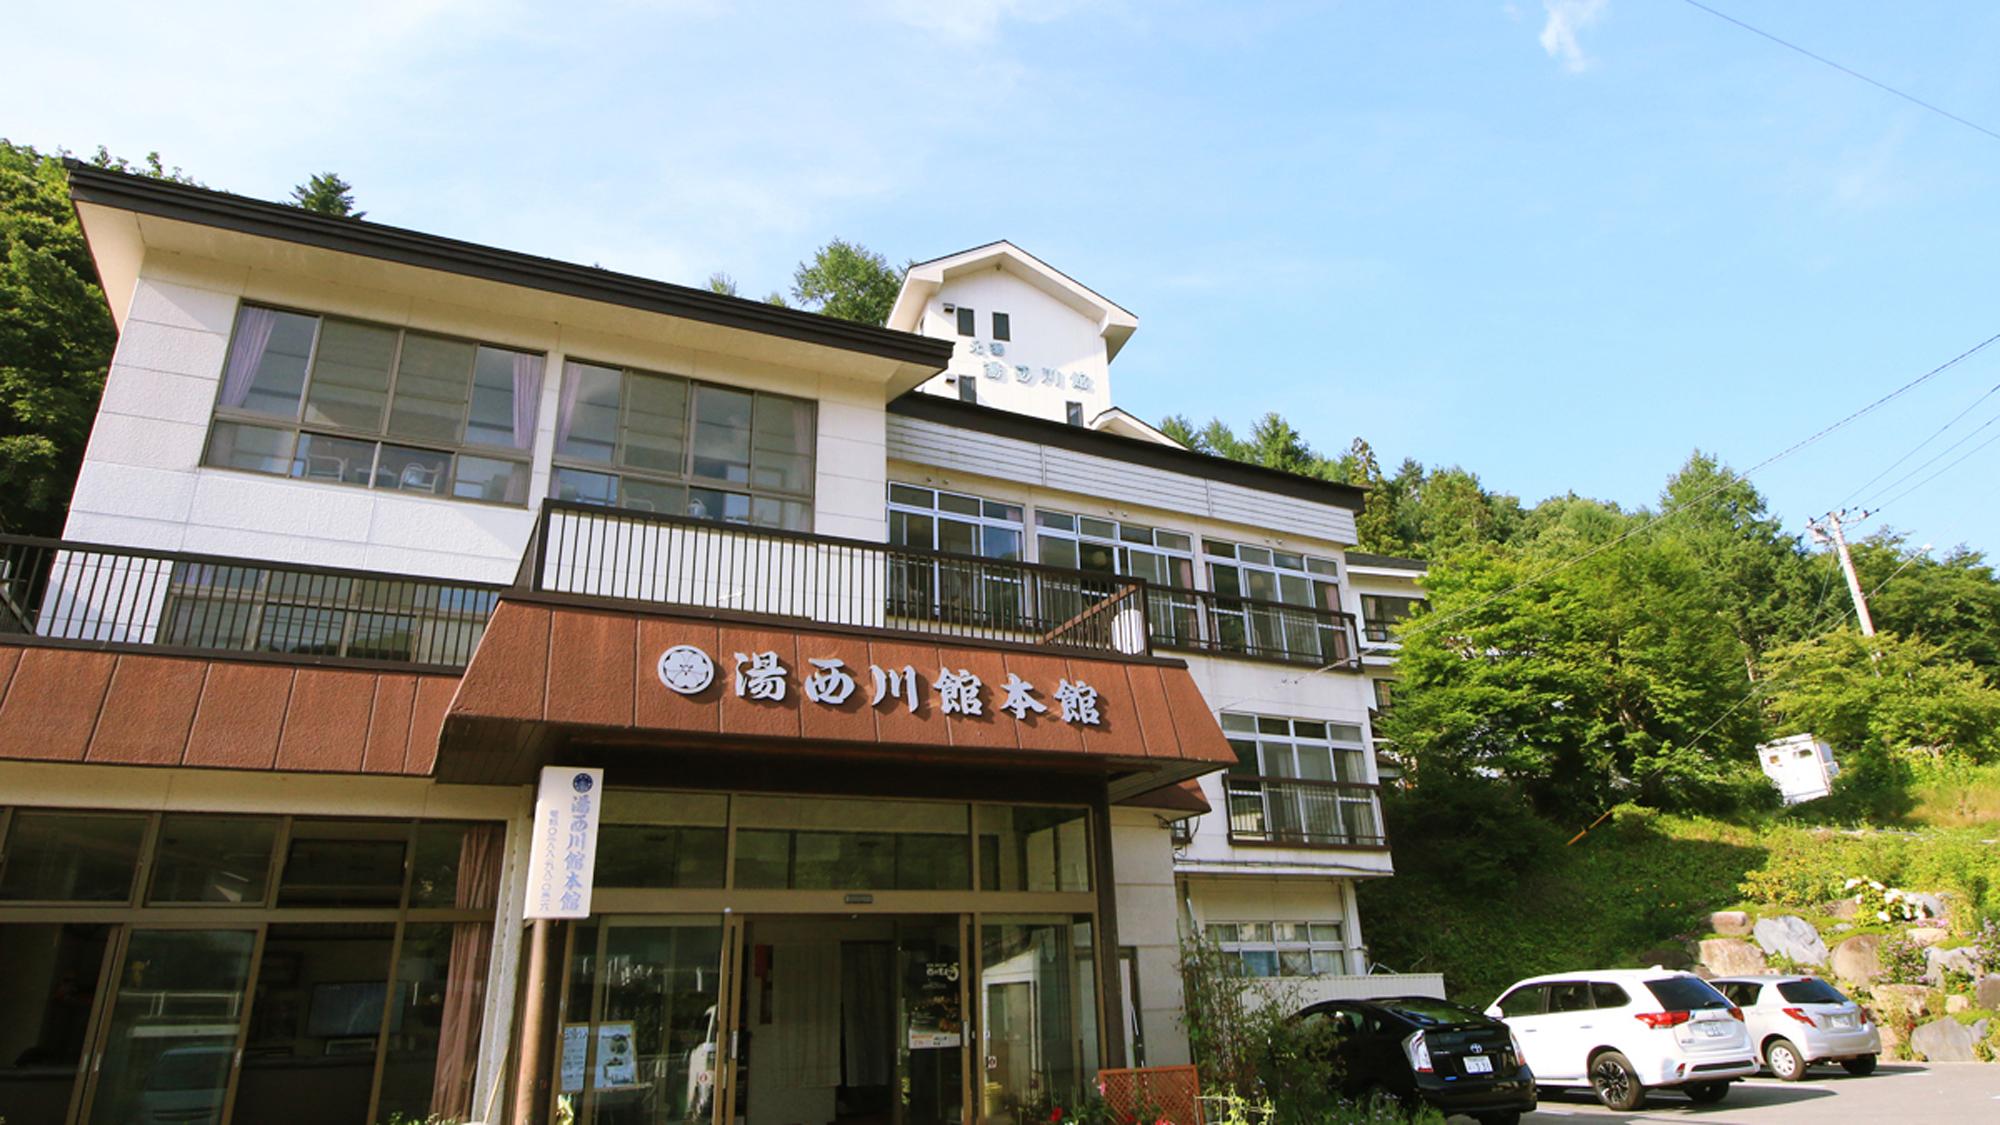 湯西川温泉 元湯 湯西川館本館